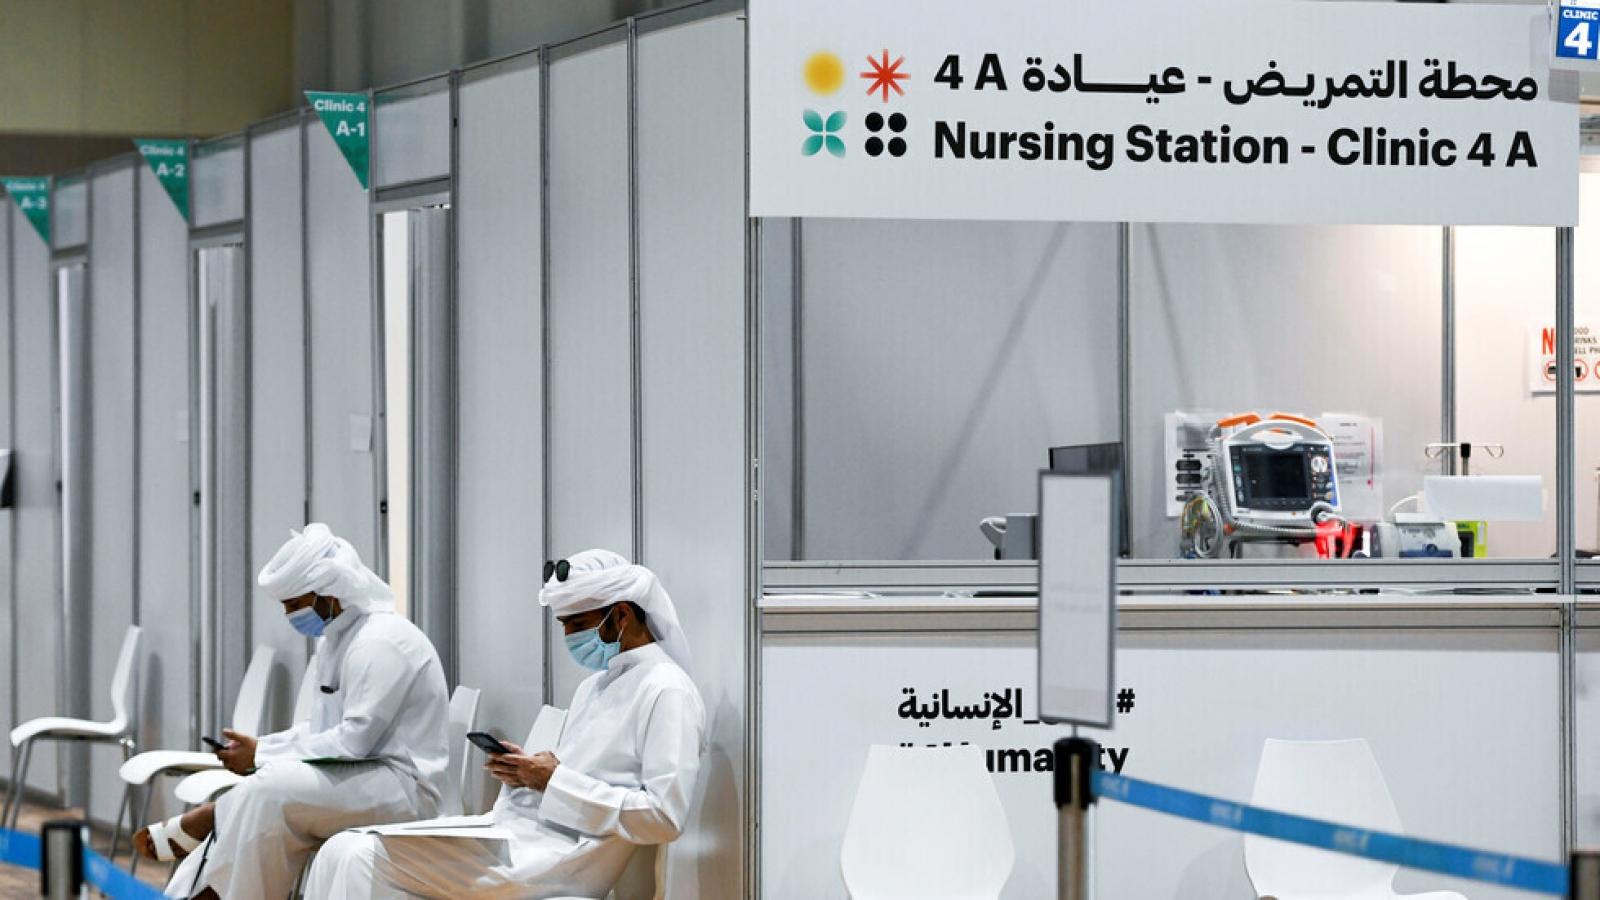 UAE ghi nhận một loạt biến chủng SARS-CoV-2 mới, số ca tử vong do Covid-19 gia tăng